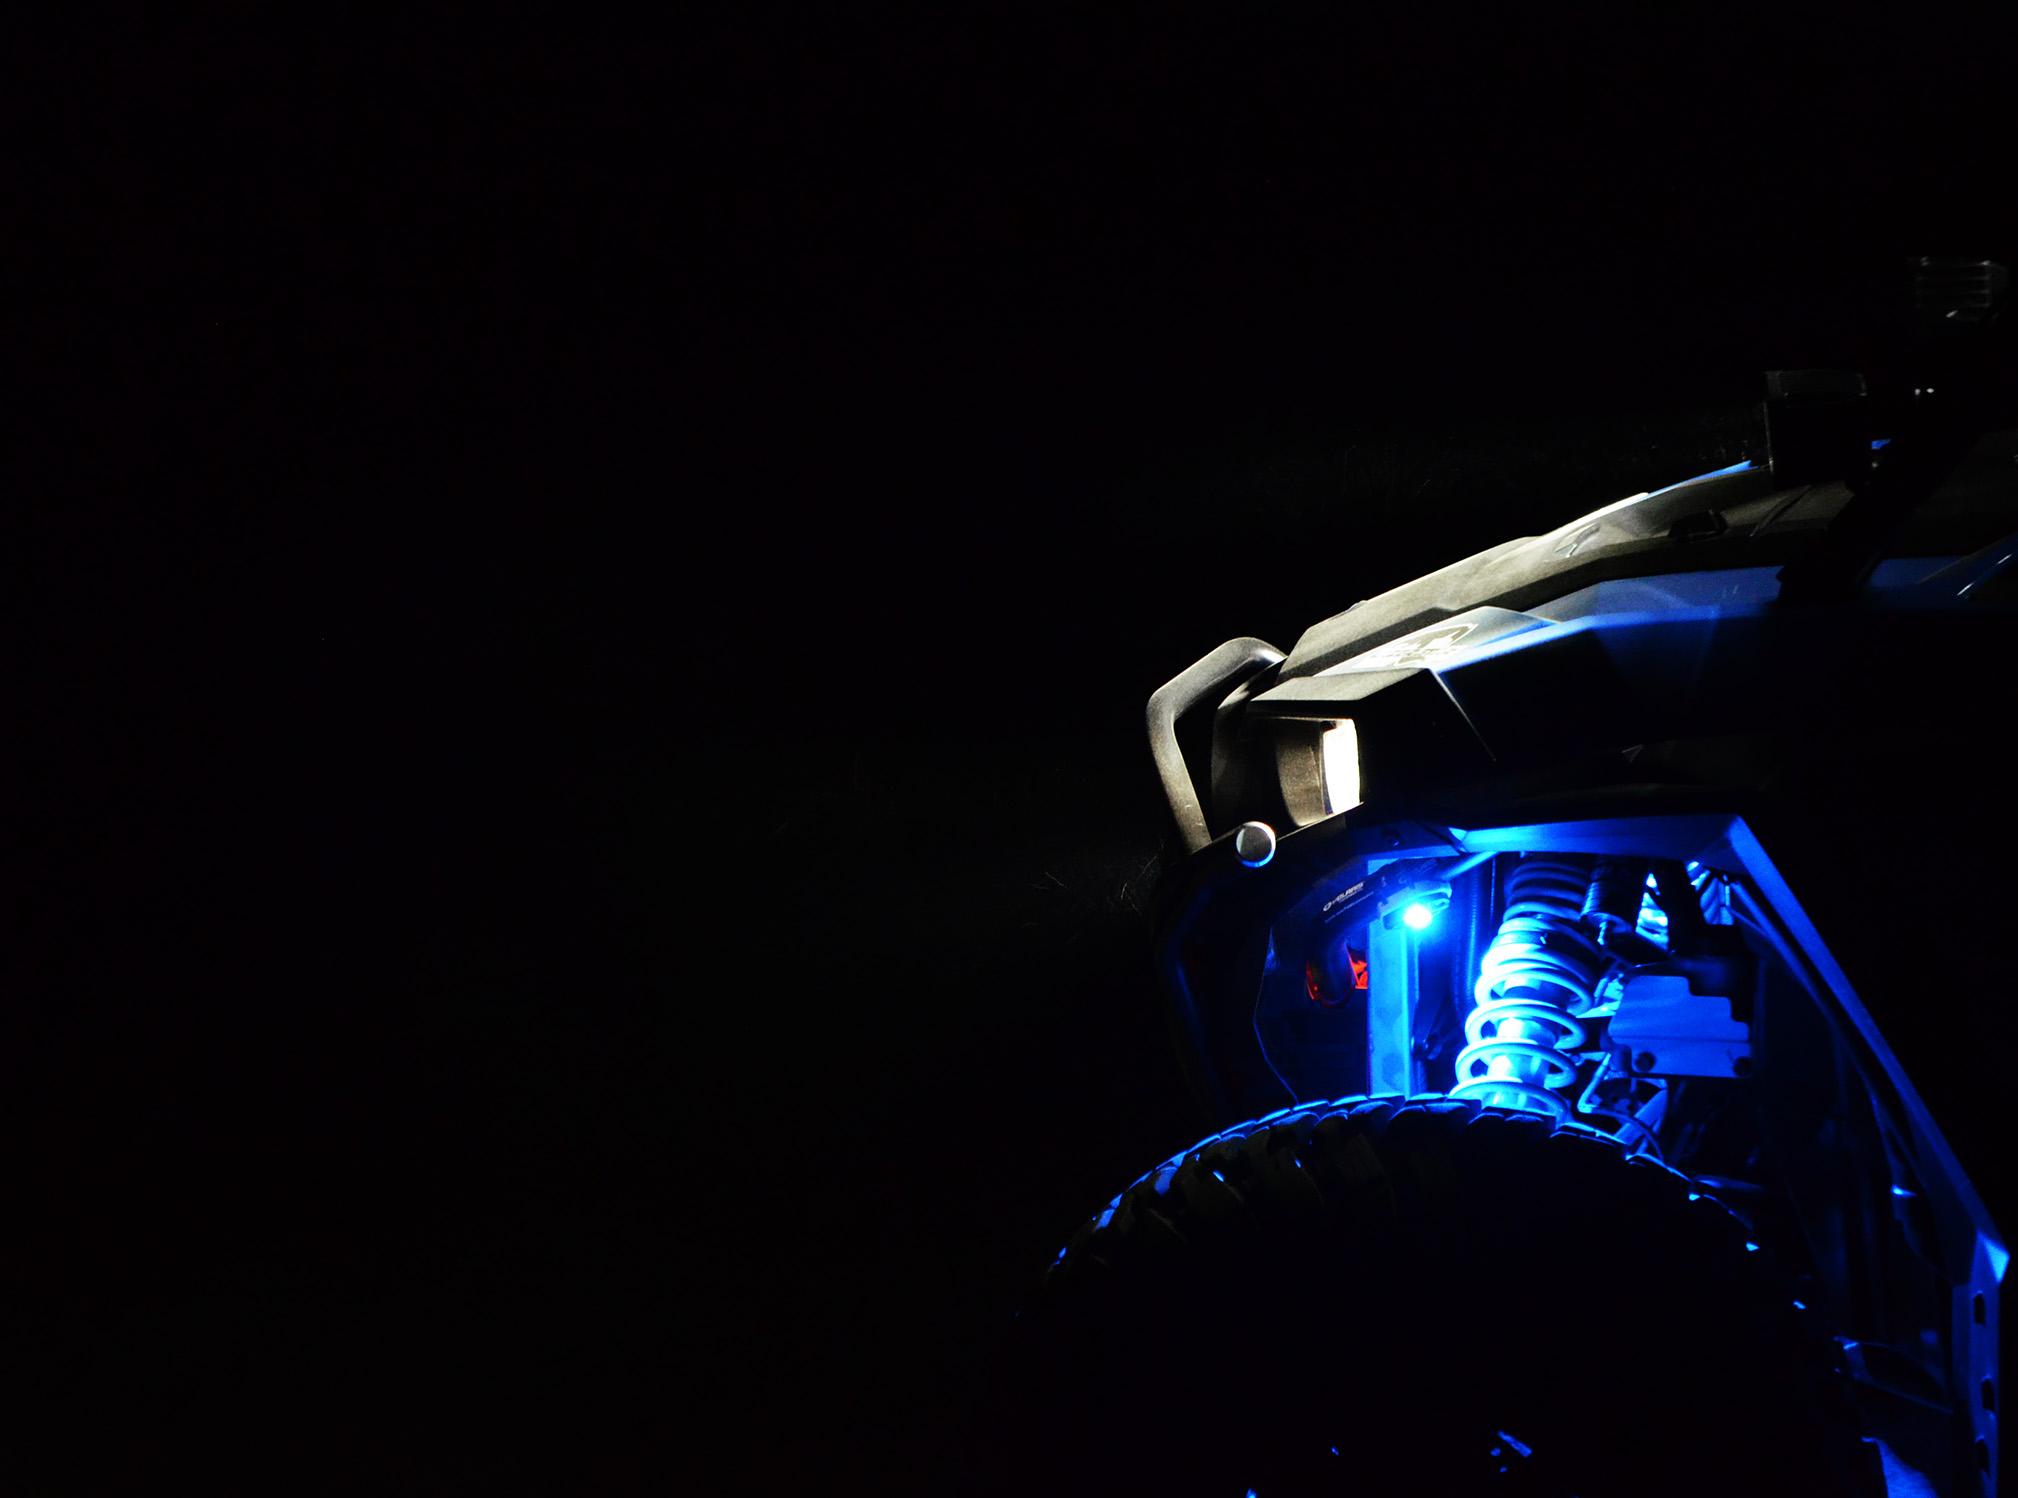 Wheel Well // Underglow